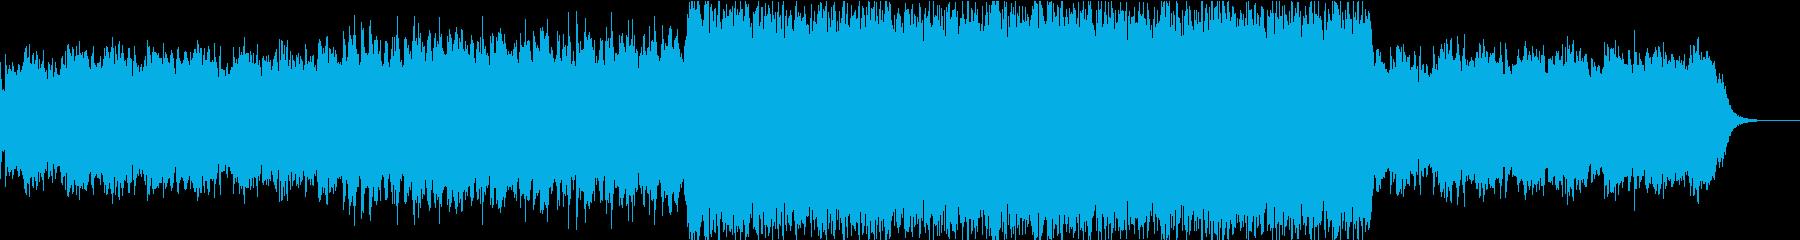 王様の憂鬱を思わせるBGMの再生済みの波形